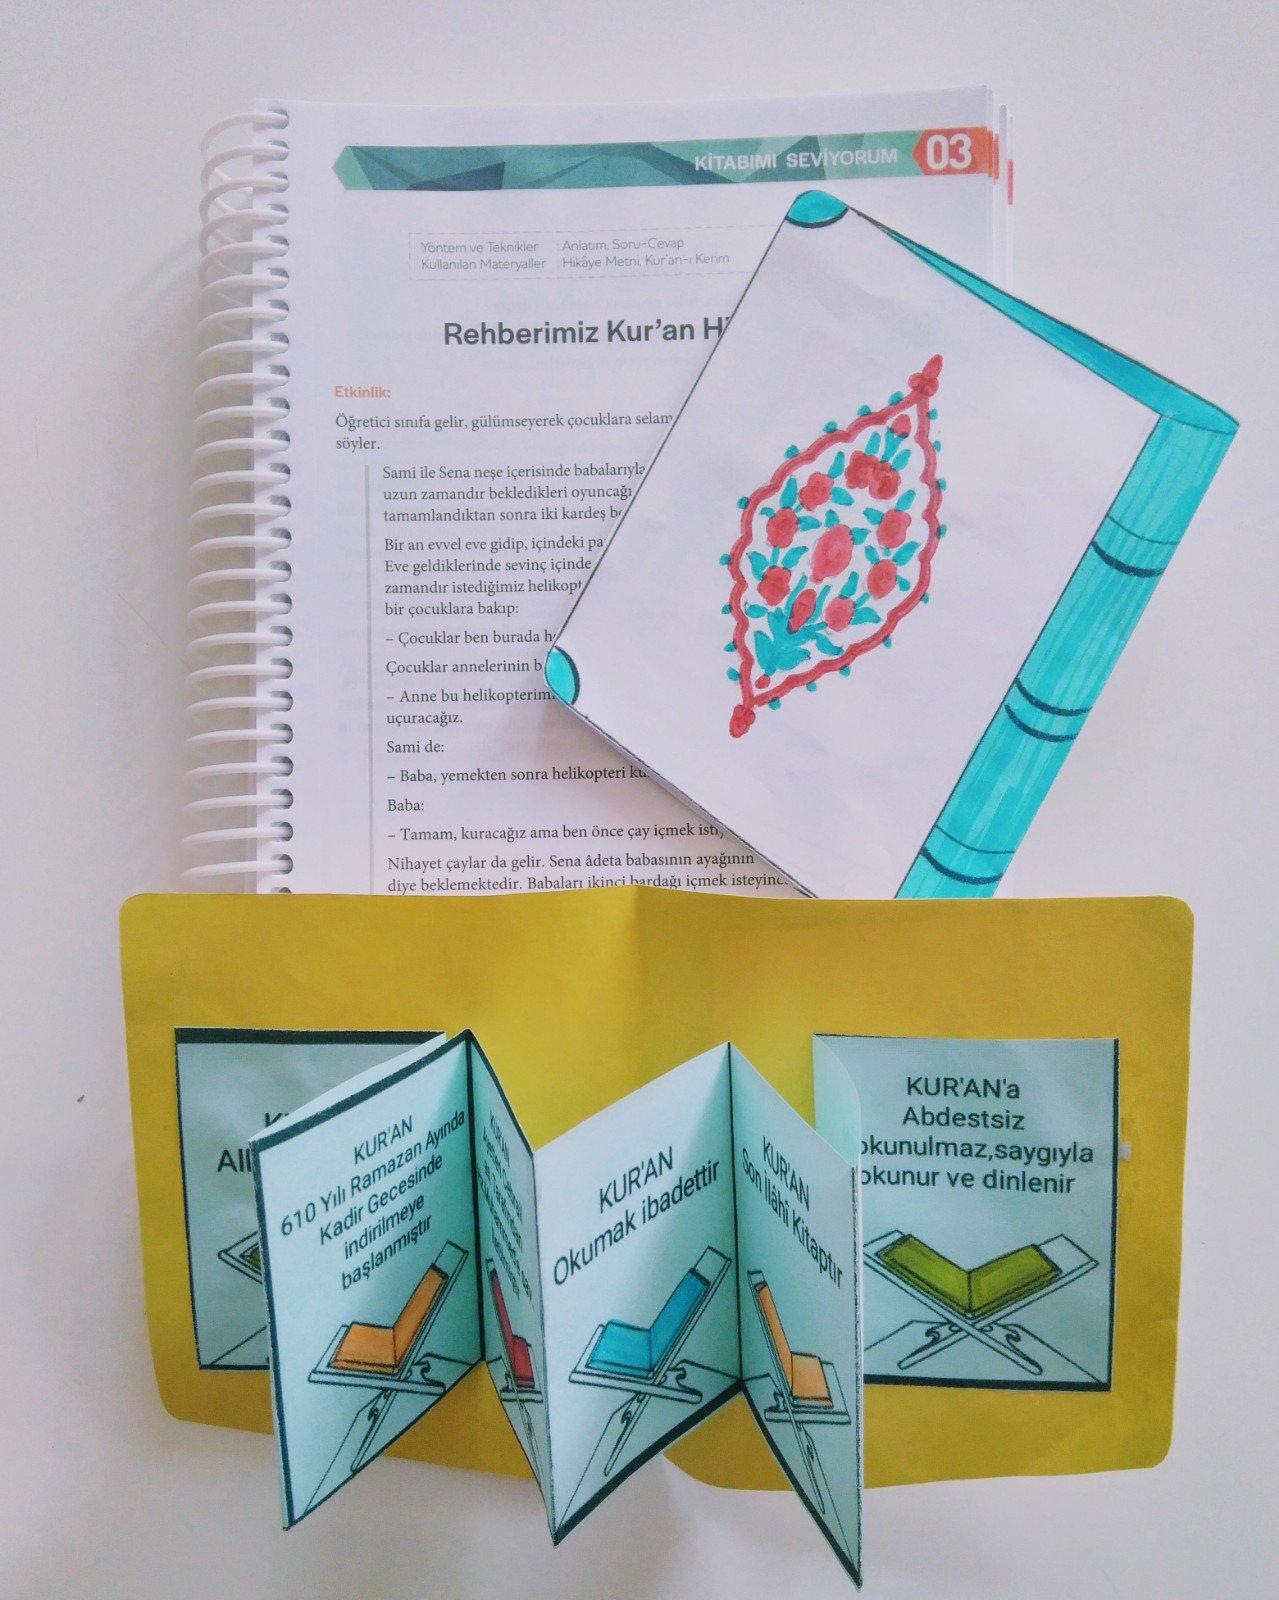 Rehberimiz Kur'an Hikayesi Etkinliği -Kitabımı Seviyorum Ünitesi Etkinliği